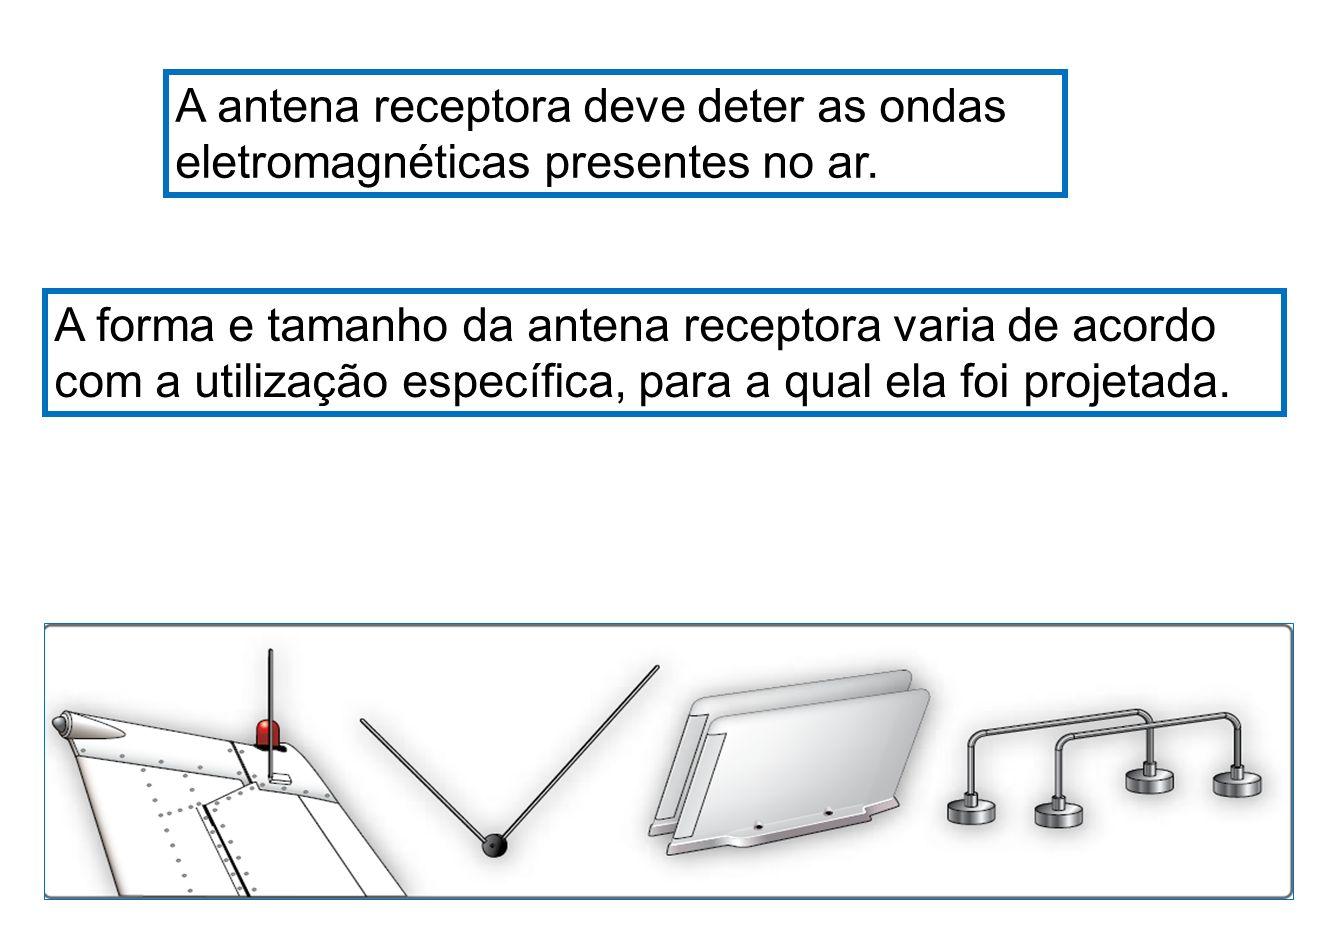 Nos equipamentos de comunicação instalados a bordo, a mesma antena é normalmente utilizada para a recepção e transmissão de sinais.